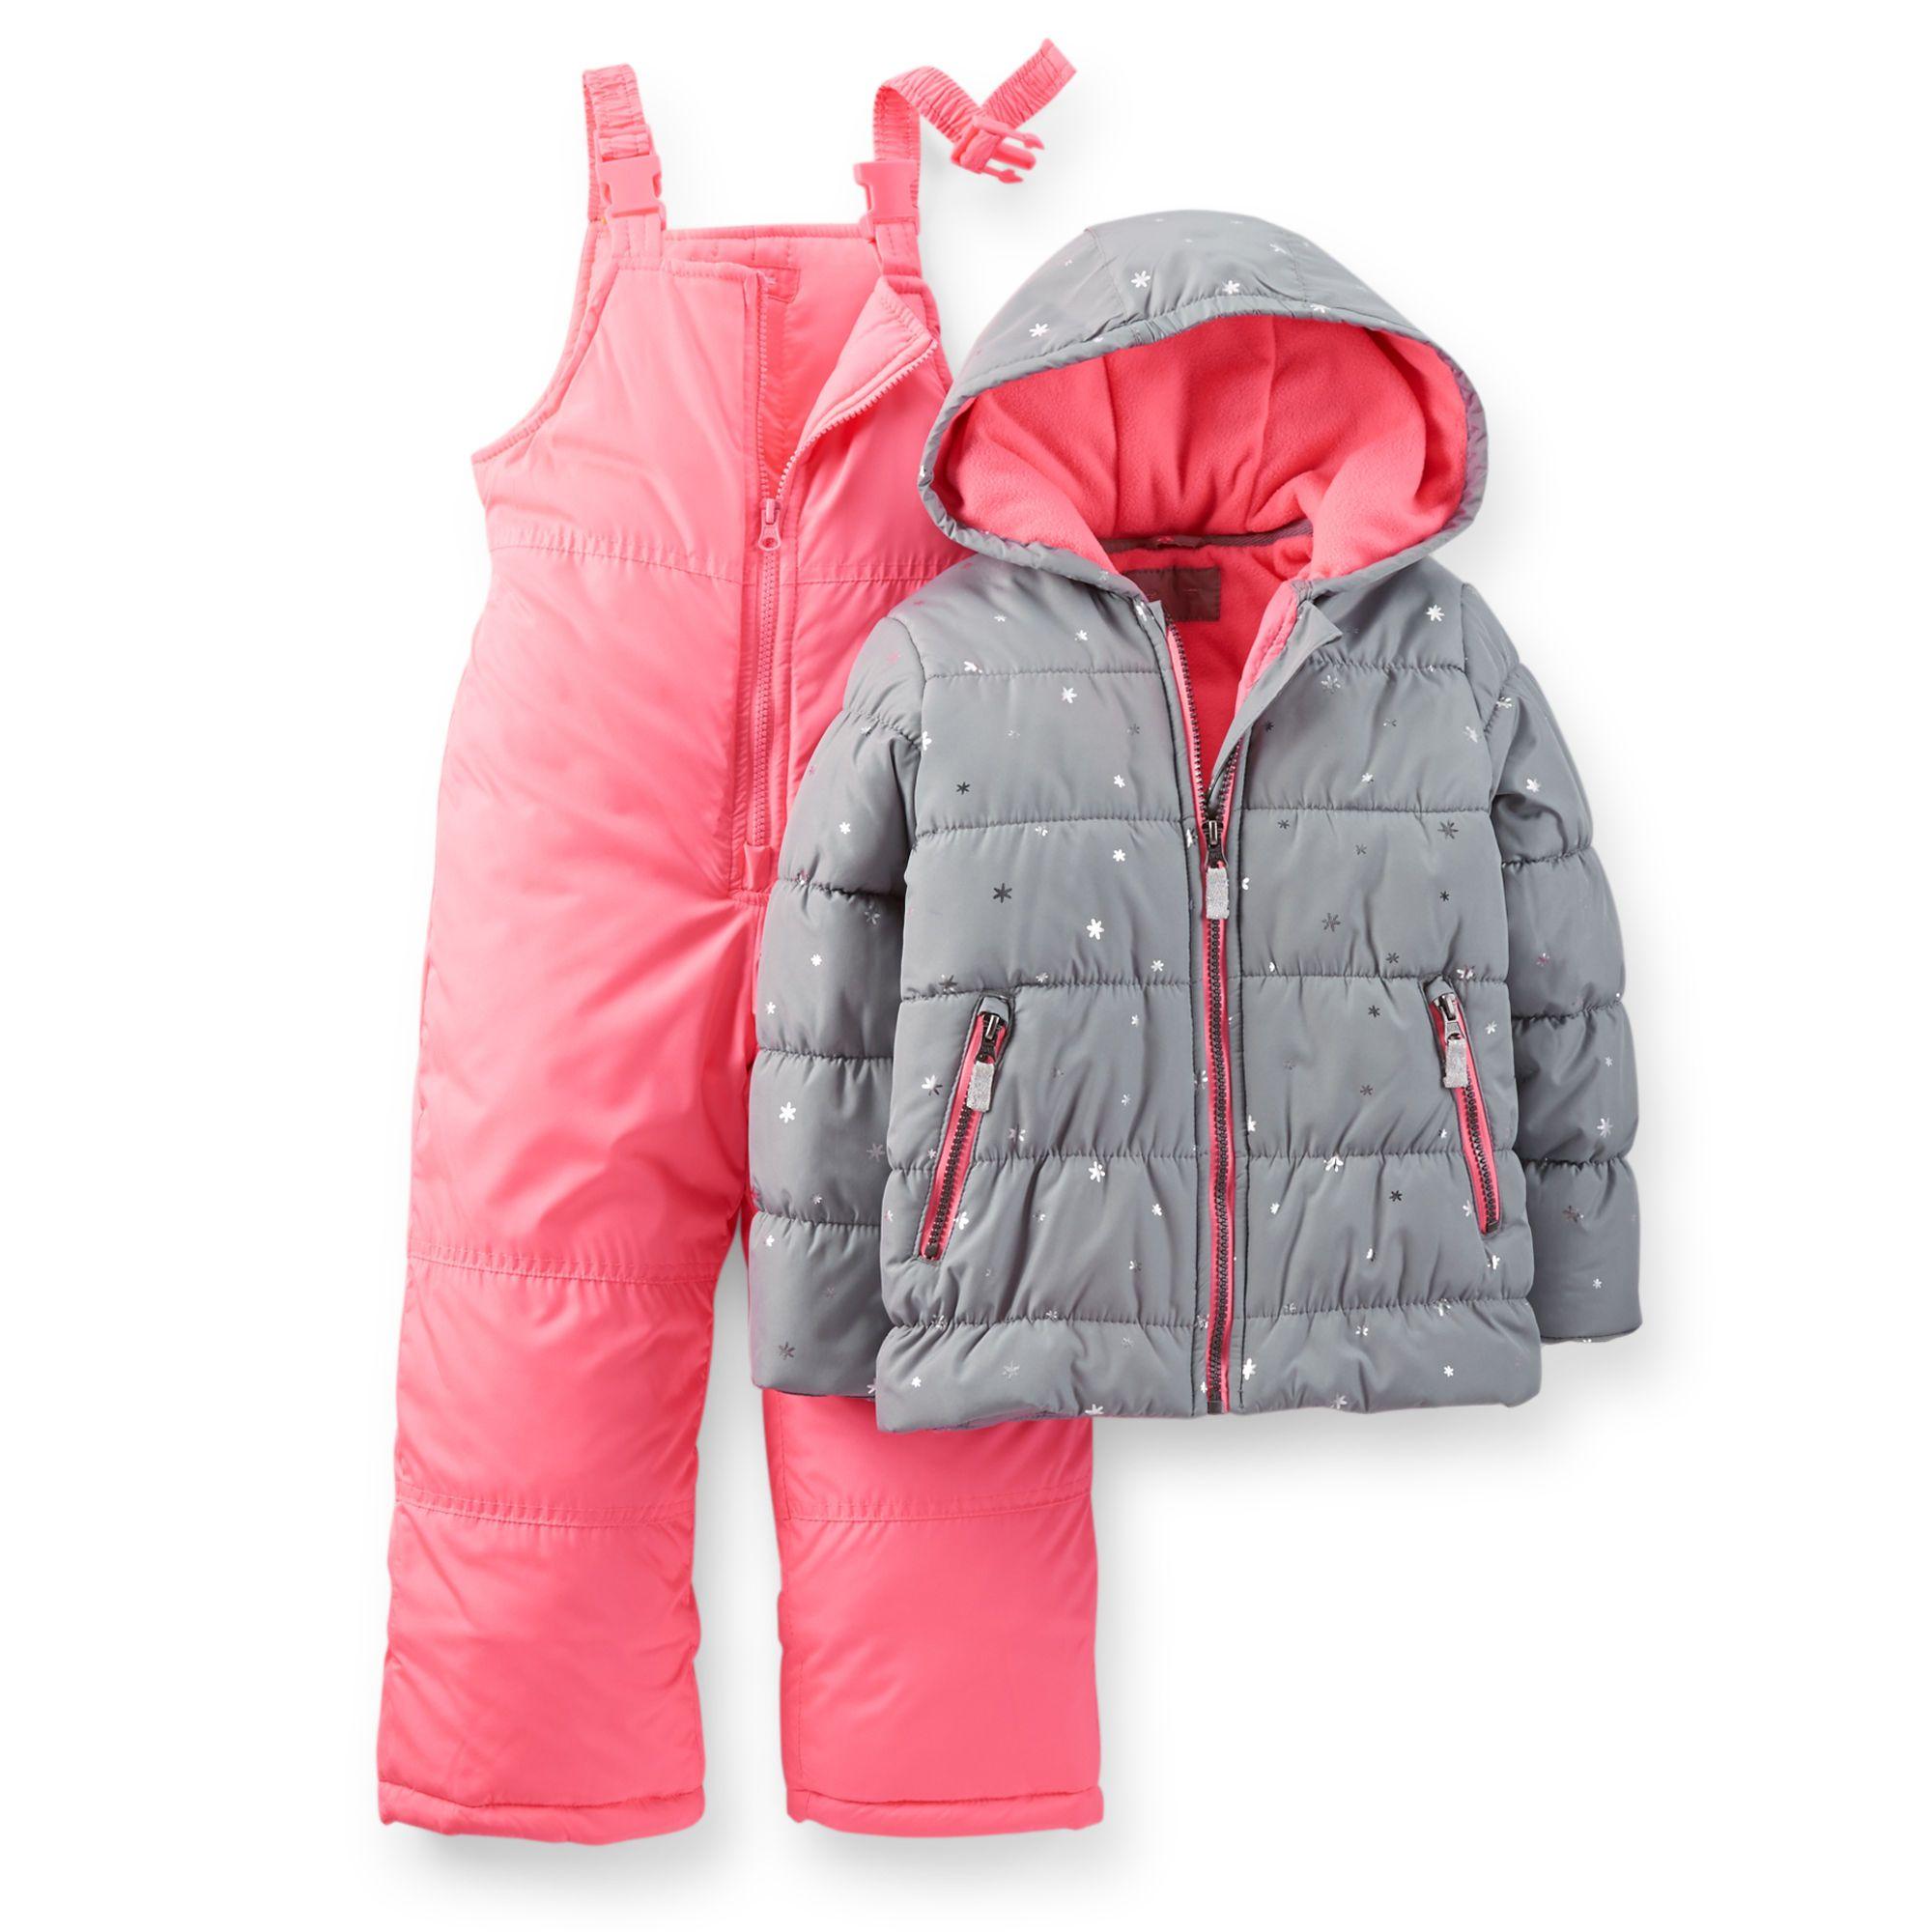 Best 25+ Snow suit ideas on Pinterest | Baby bunting suit ...